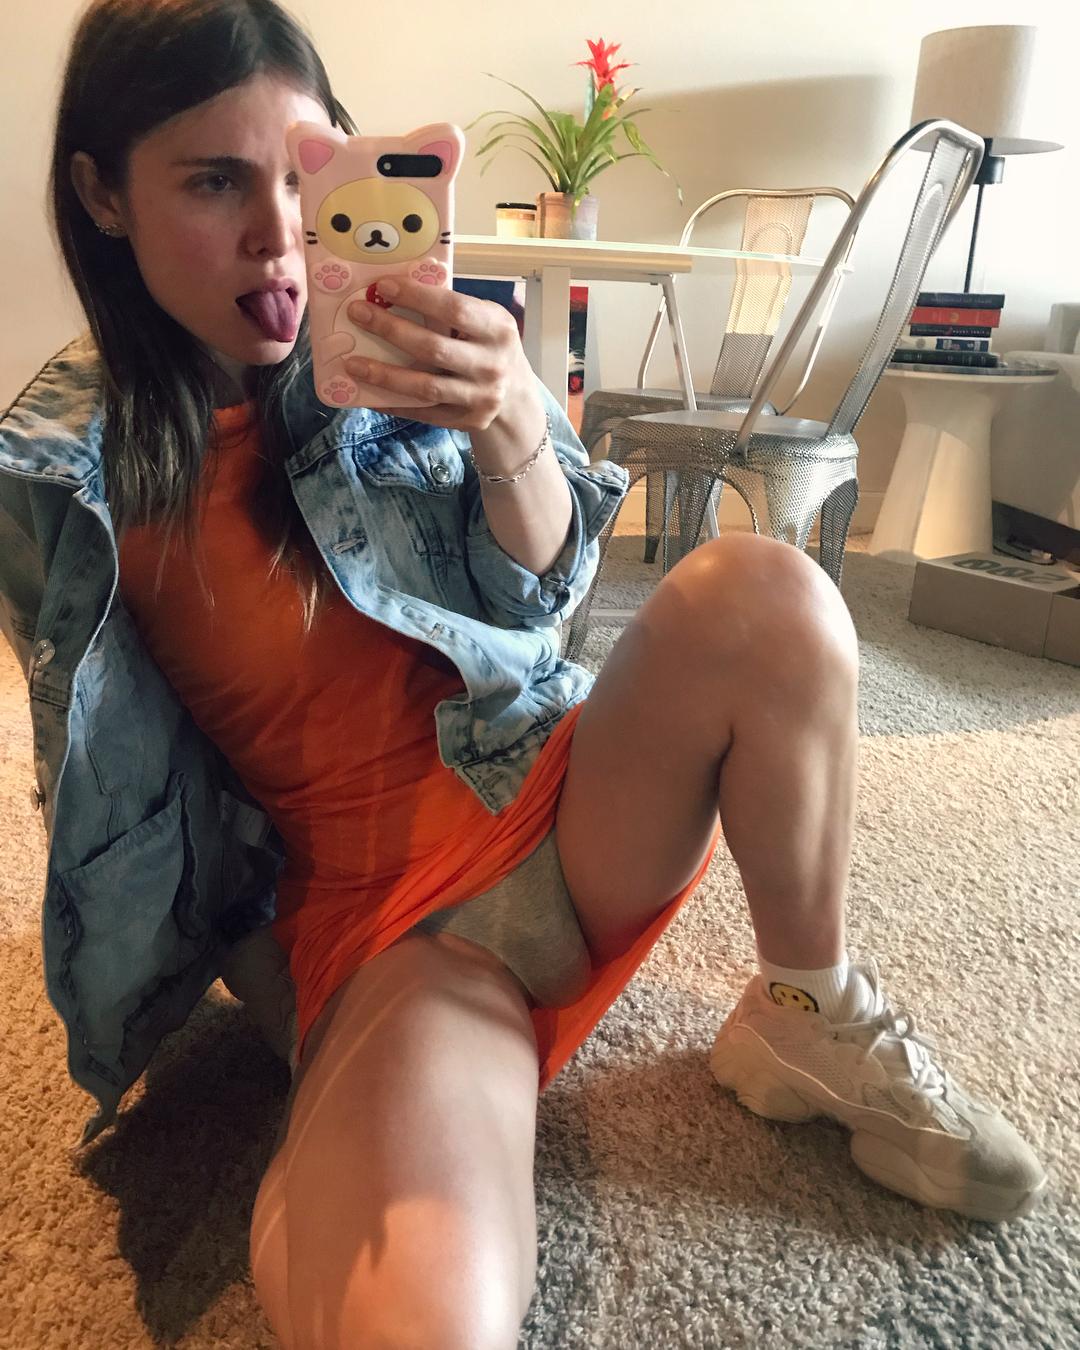 TS Aryll mirror upskirt panty shot